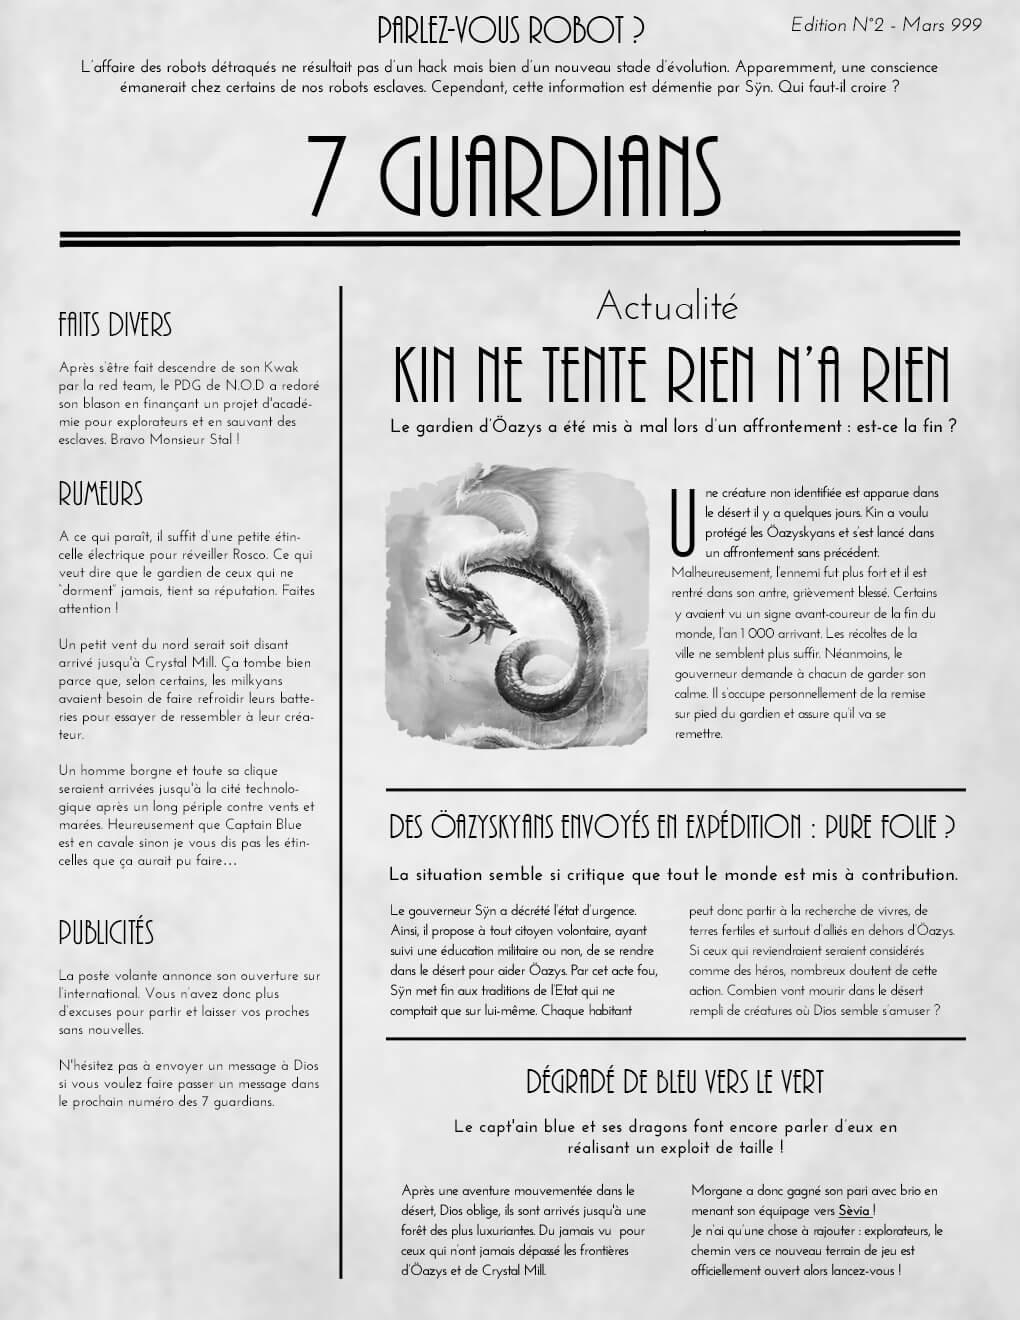 Journal : 7 guardians Journal-edition2